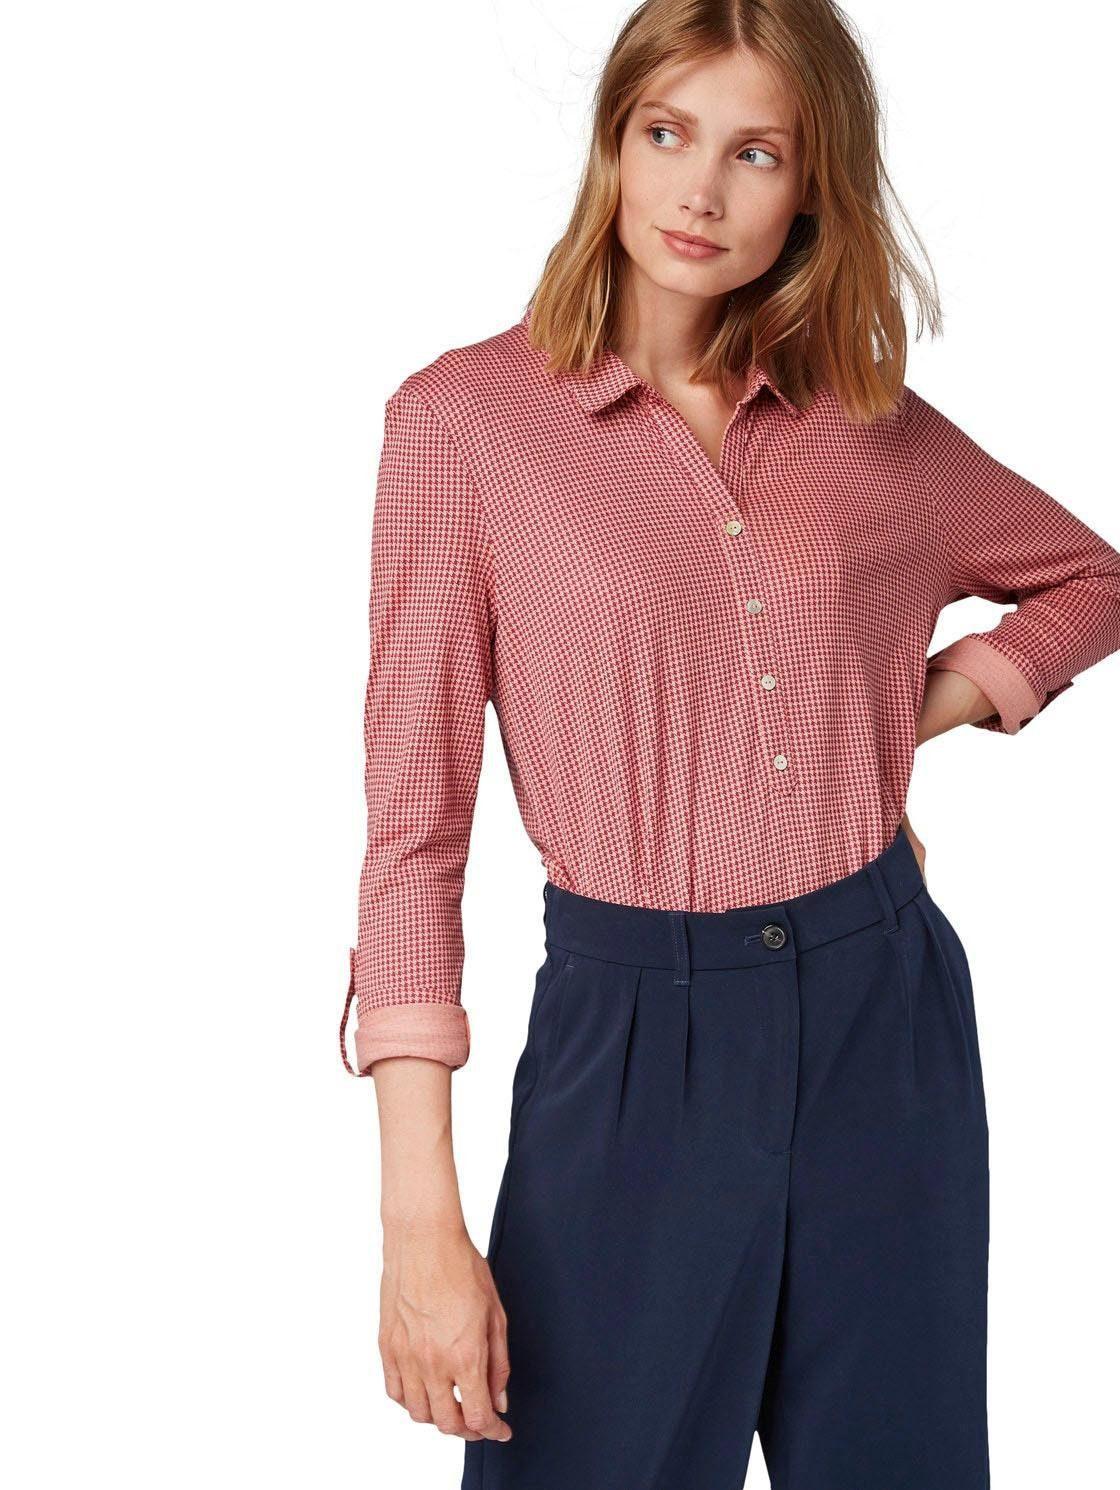 32 42 blau marine Shirt T-Shirt Tom Tailor Poloshirt Gr